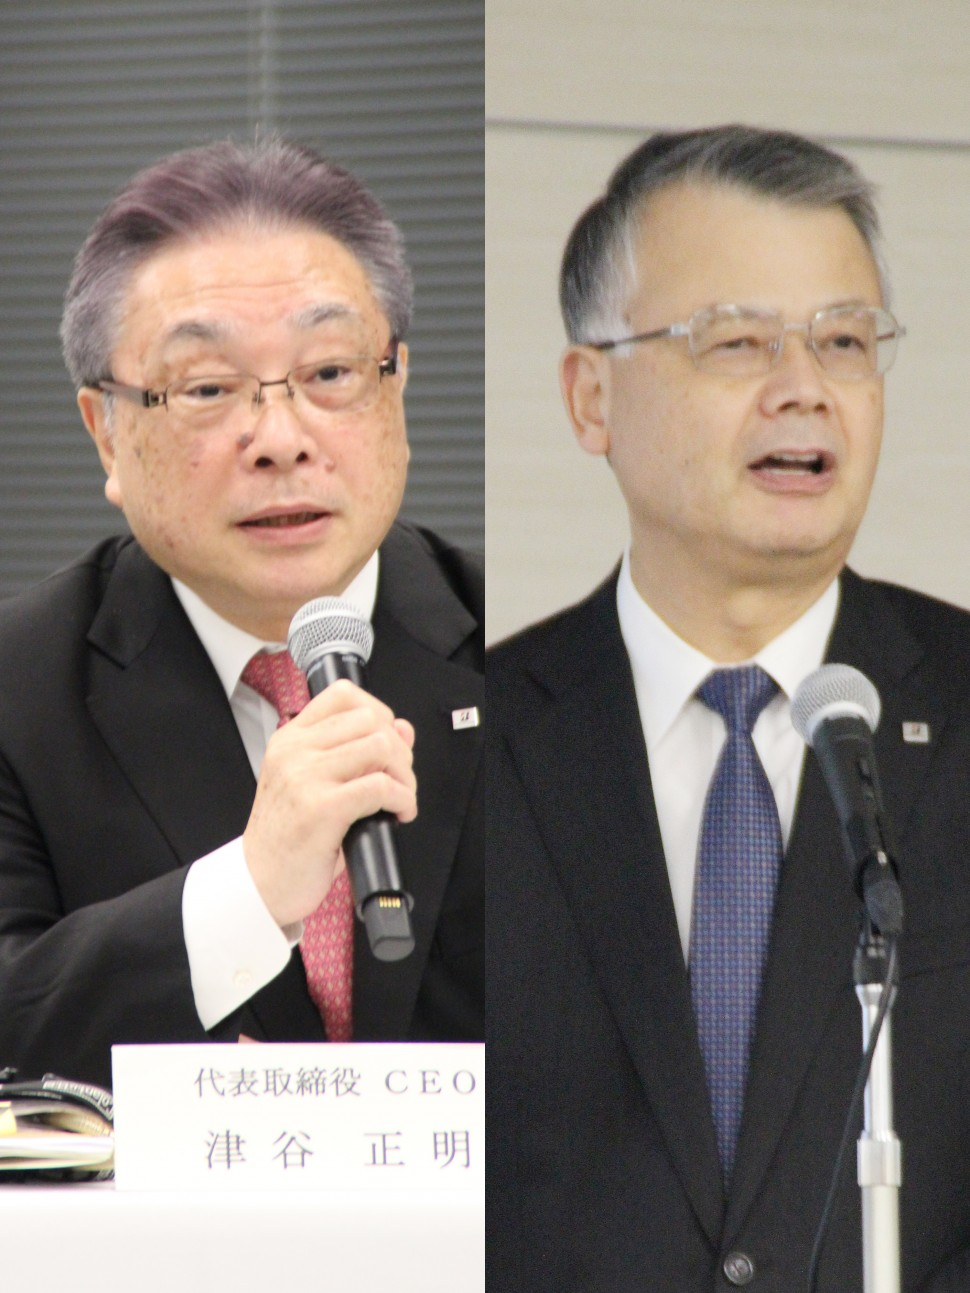 ブリヂストン・津谷CEOと西海COO